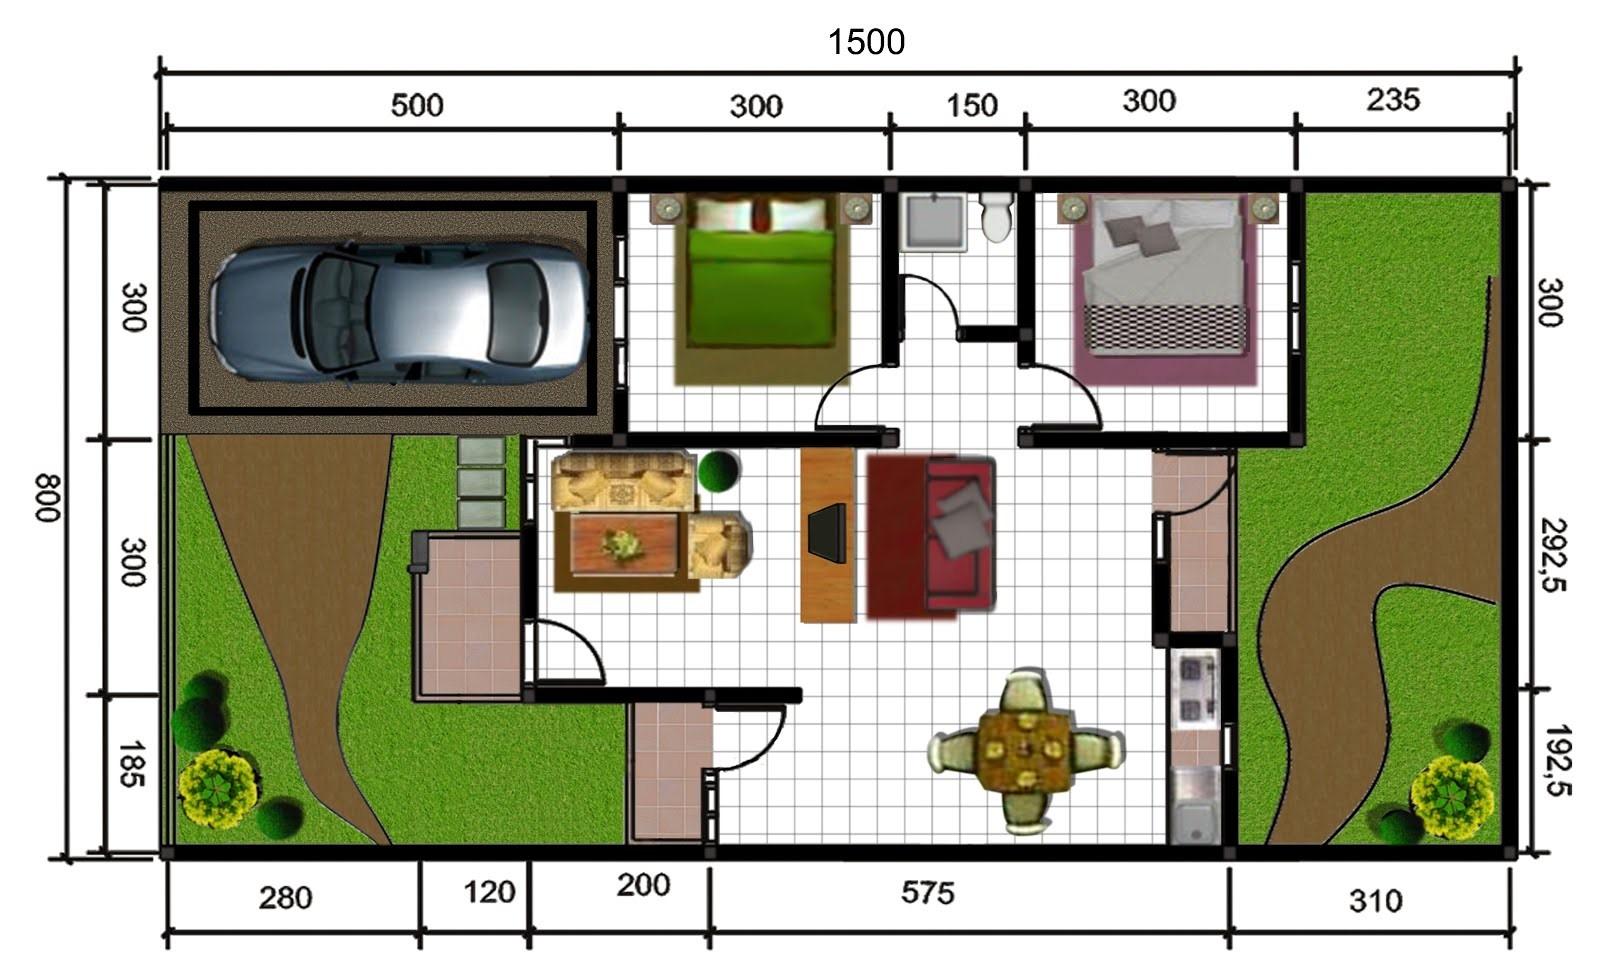 Contoh Denah Rumah Dan Keterangannya Desain Rumah